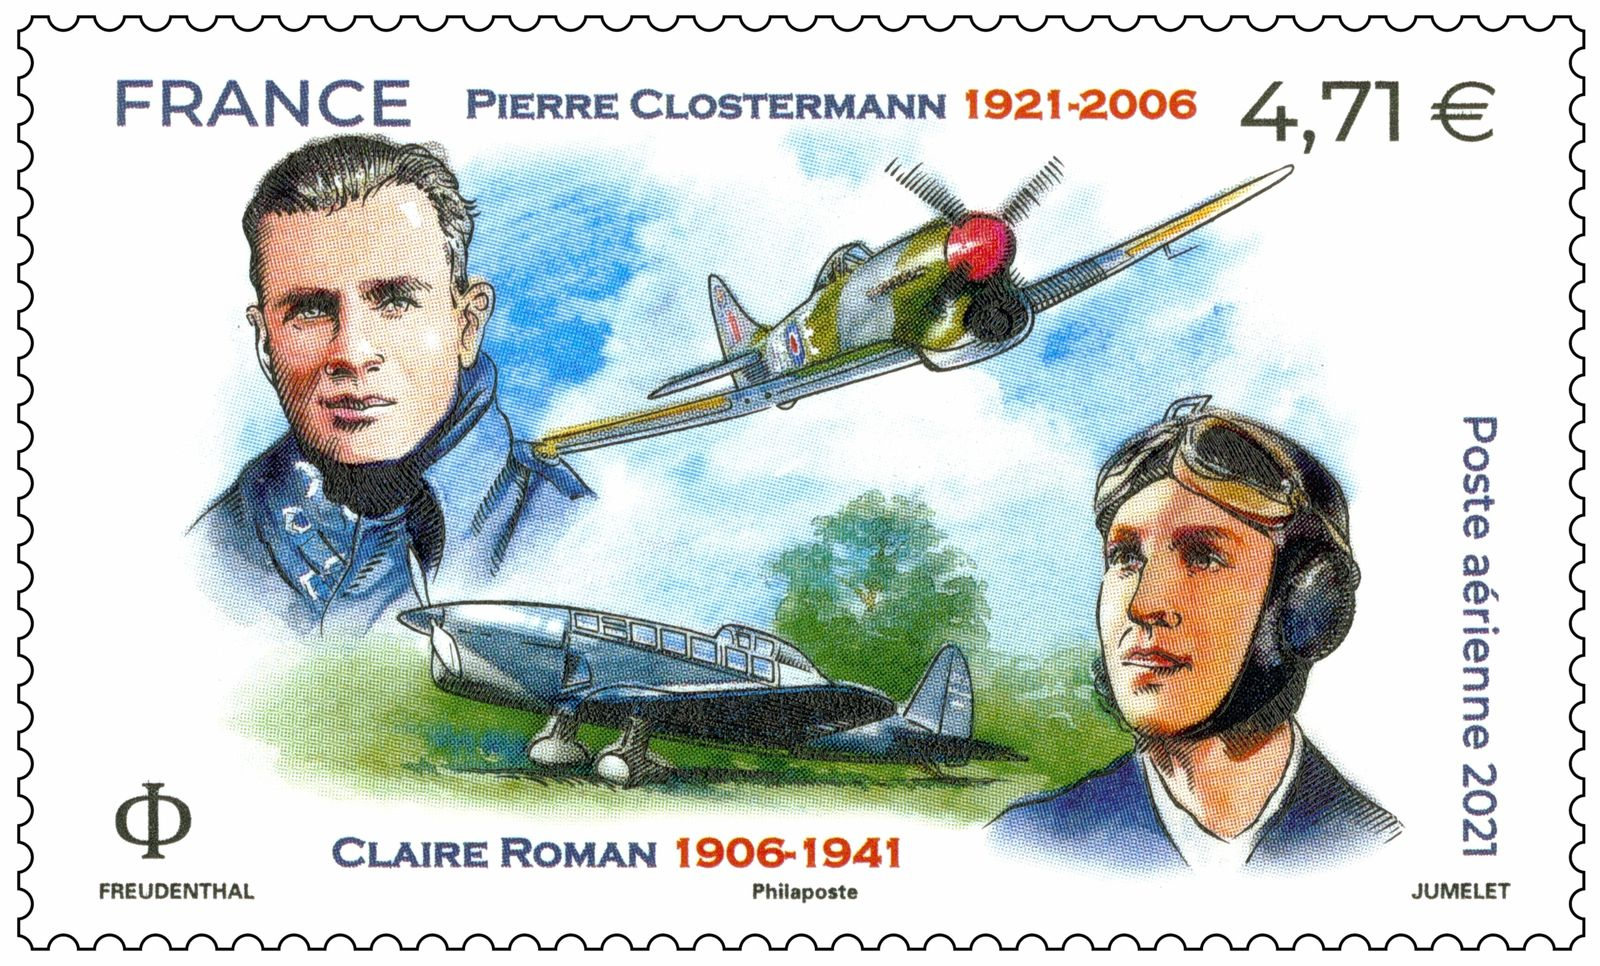 Un timbre à l'effigie de Pierre Clostermann et Claire Roman